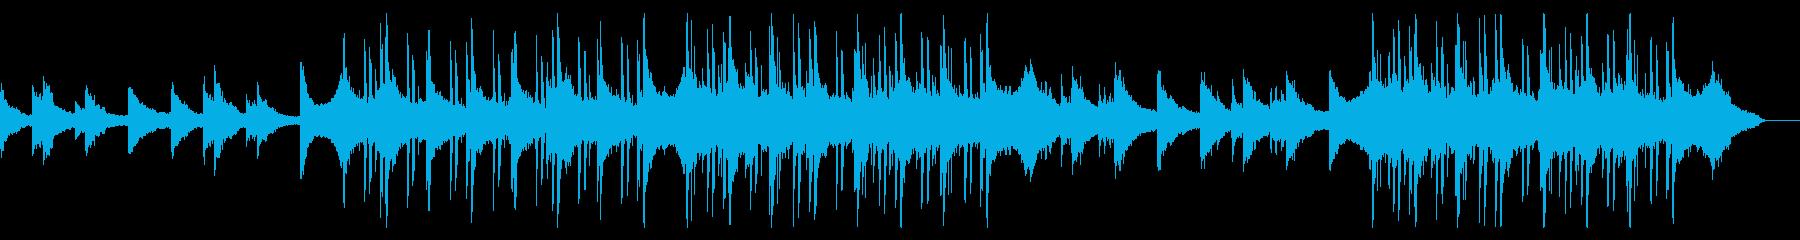 トラップ ヒップホップ 広い 壮大...の再生済みの波形